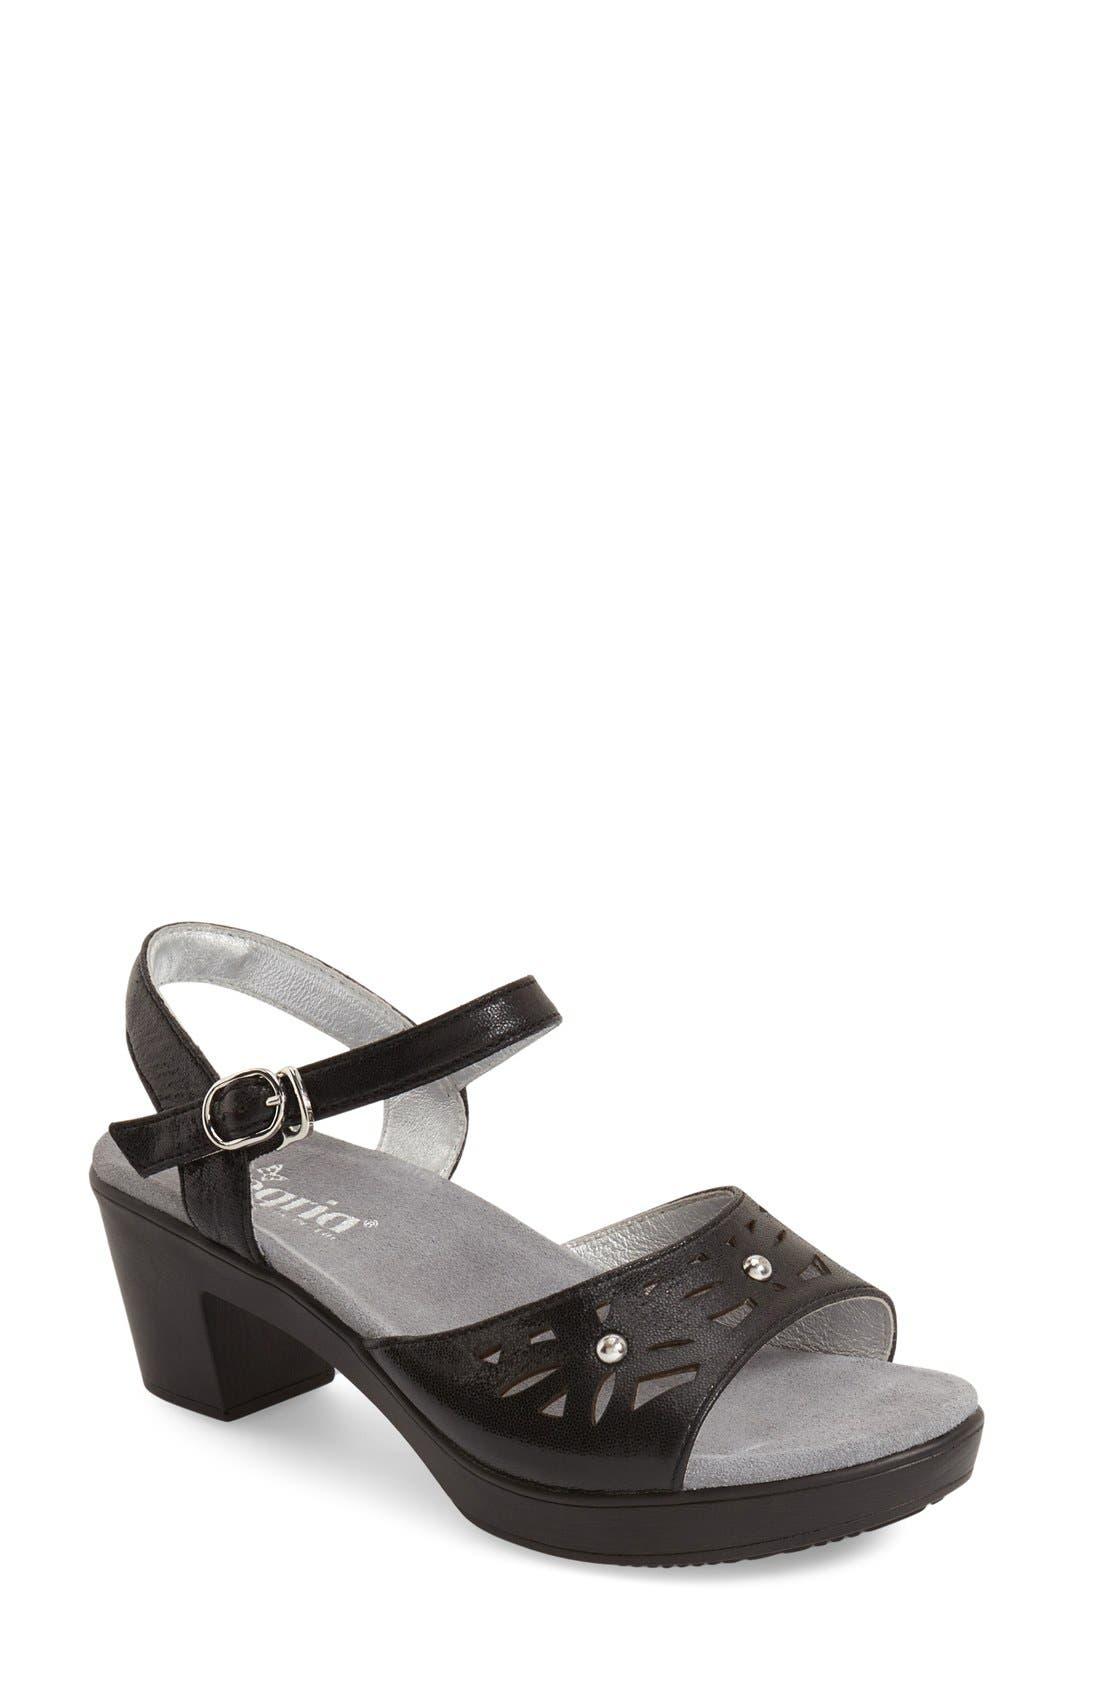 ALEGRIA Reese Cutout Sandal